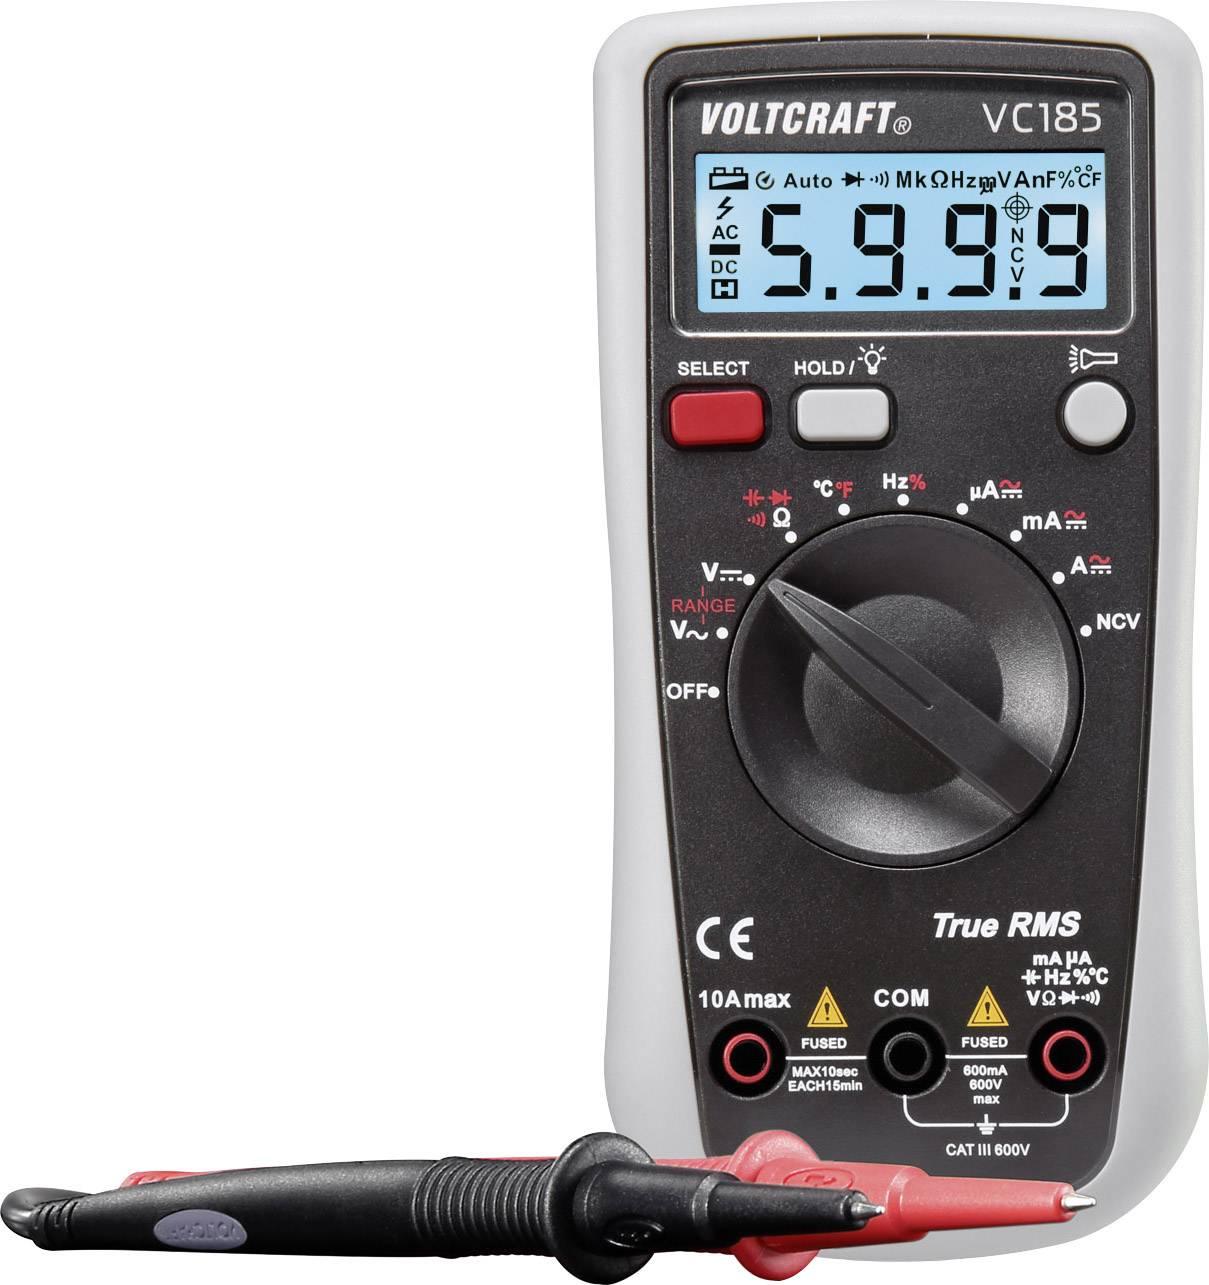 Digitální multimetr VOLTCRAFT VC185 (ISO), kalibrace dle ISO